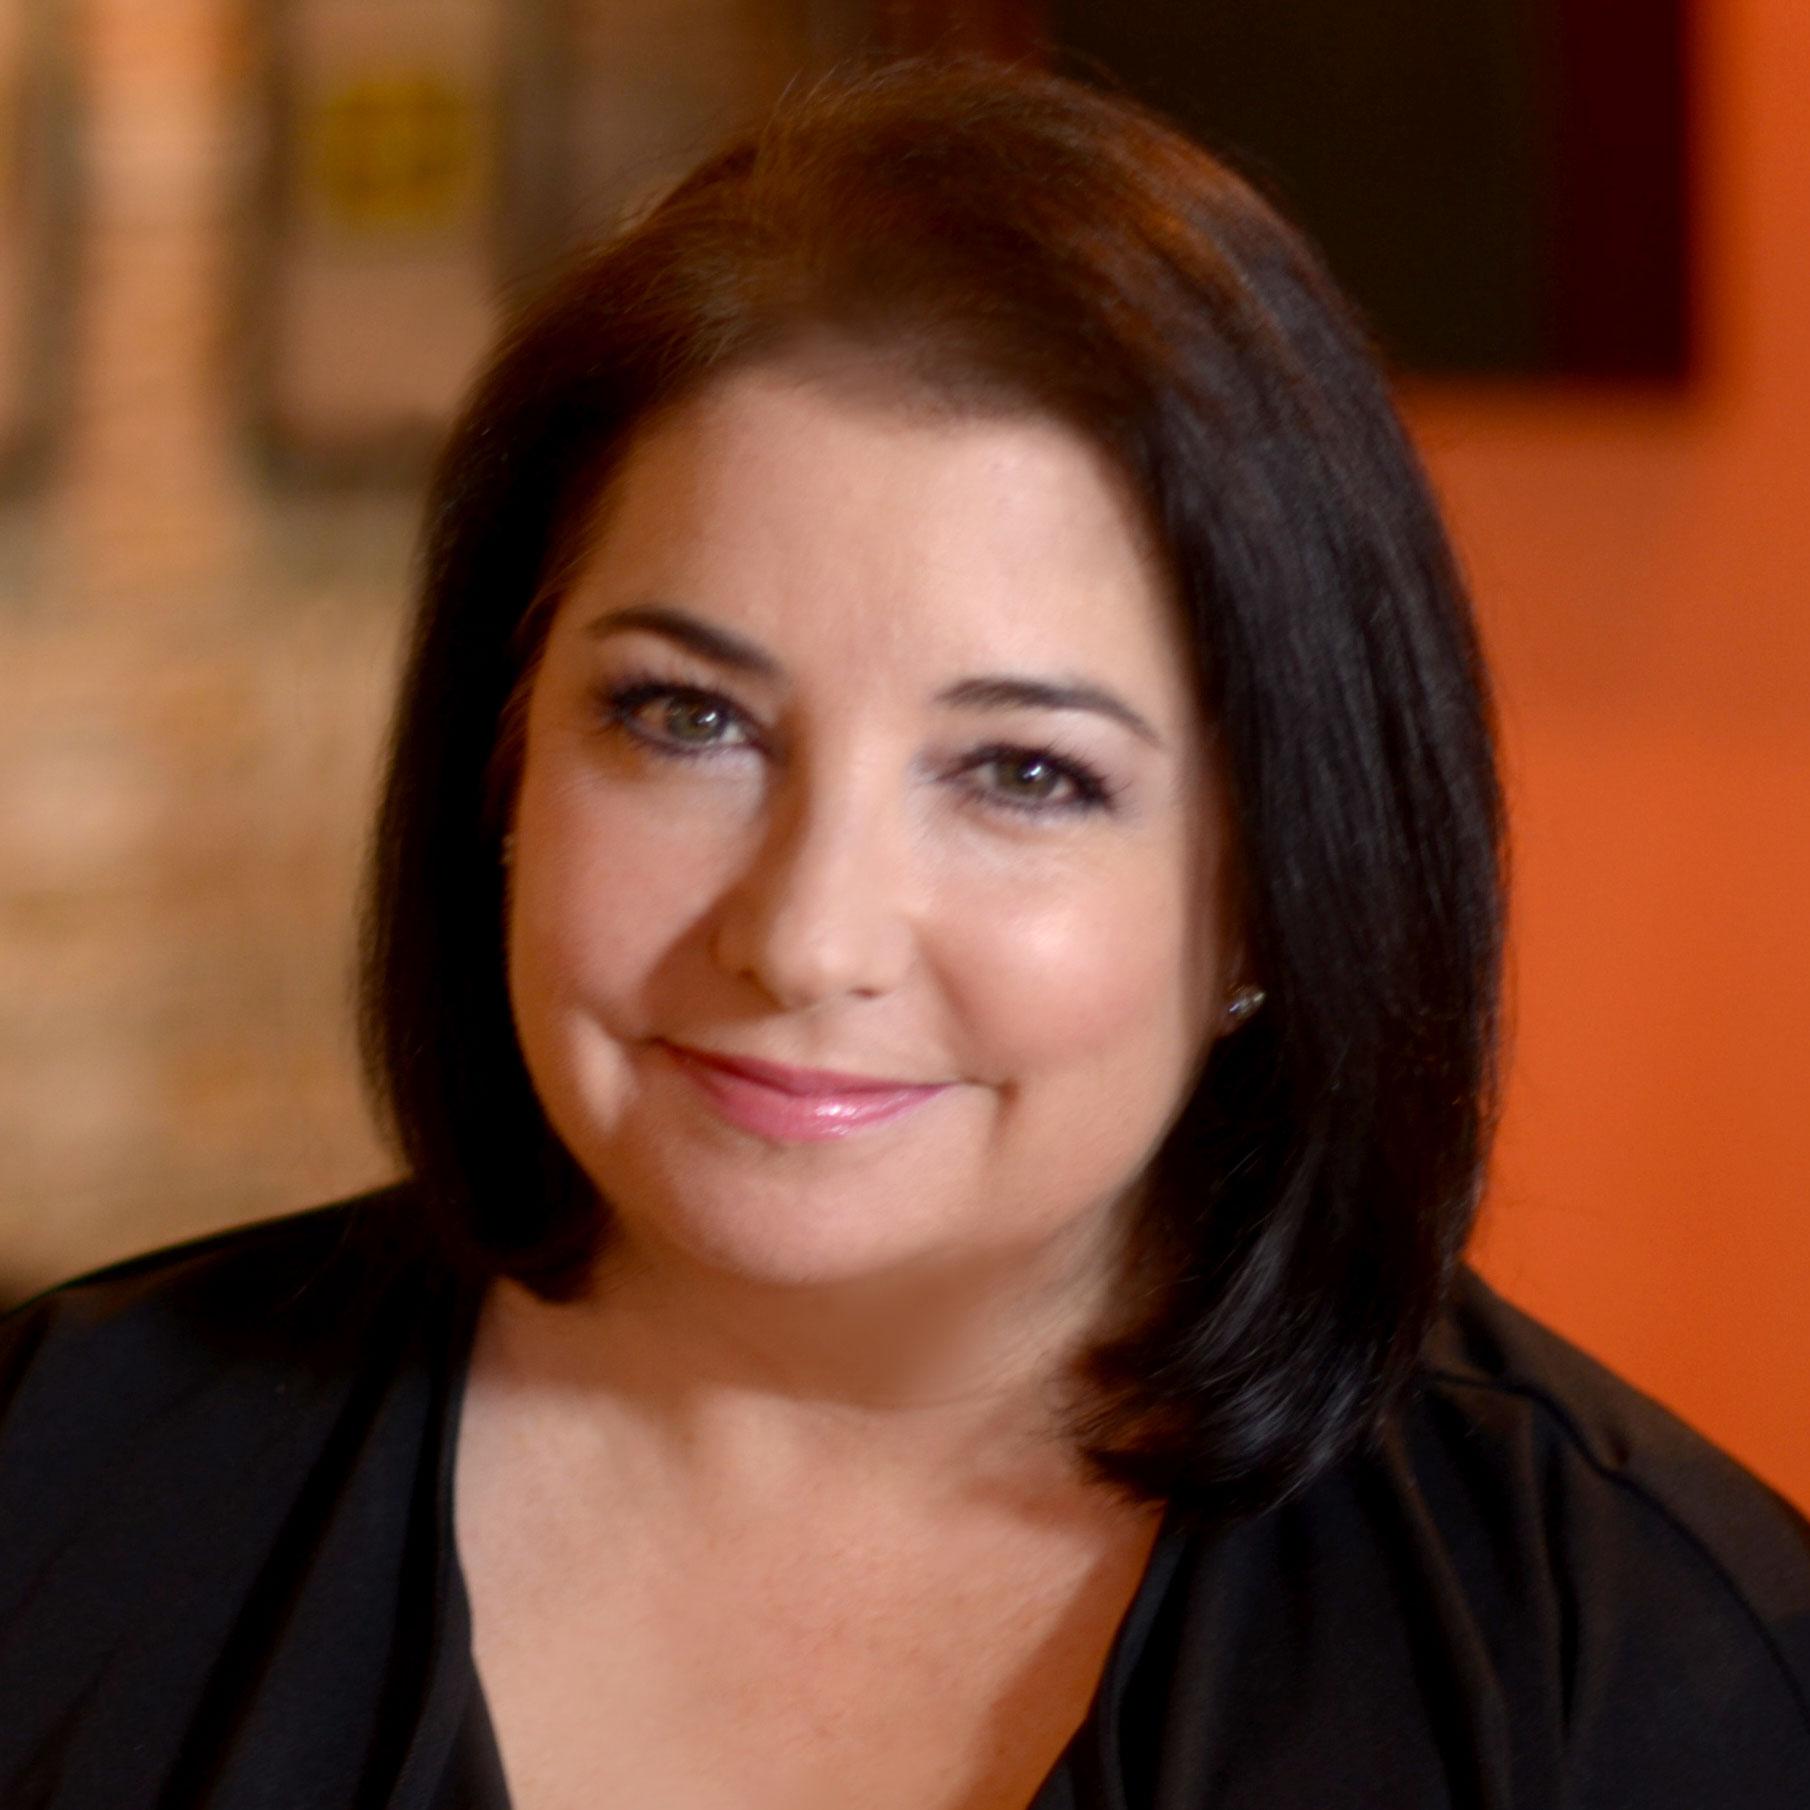 Sheila Duffy-Lehrman